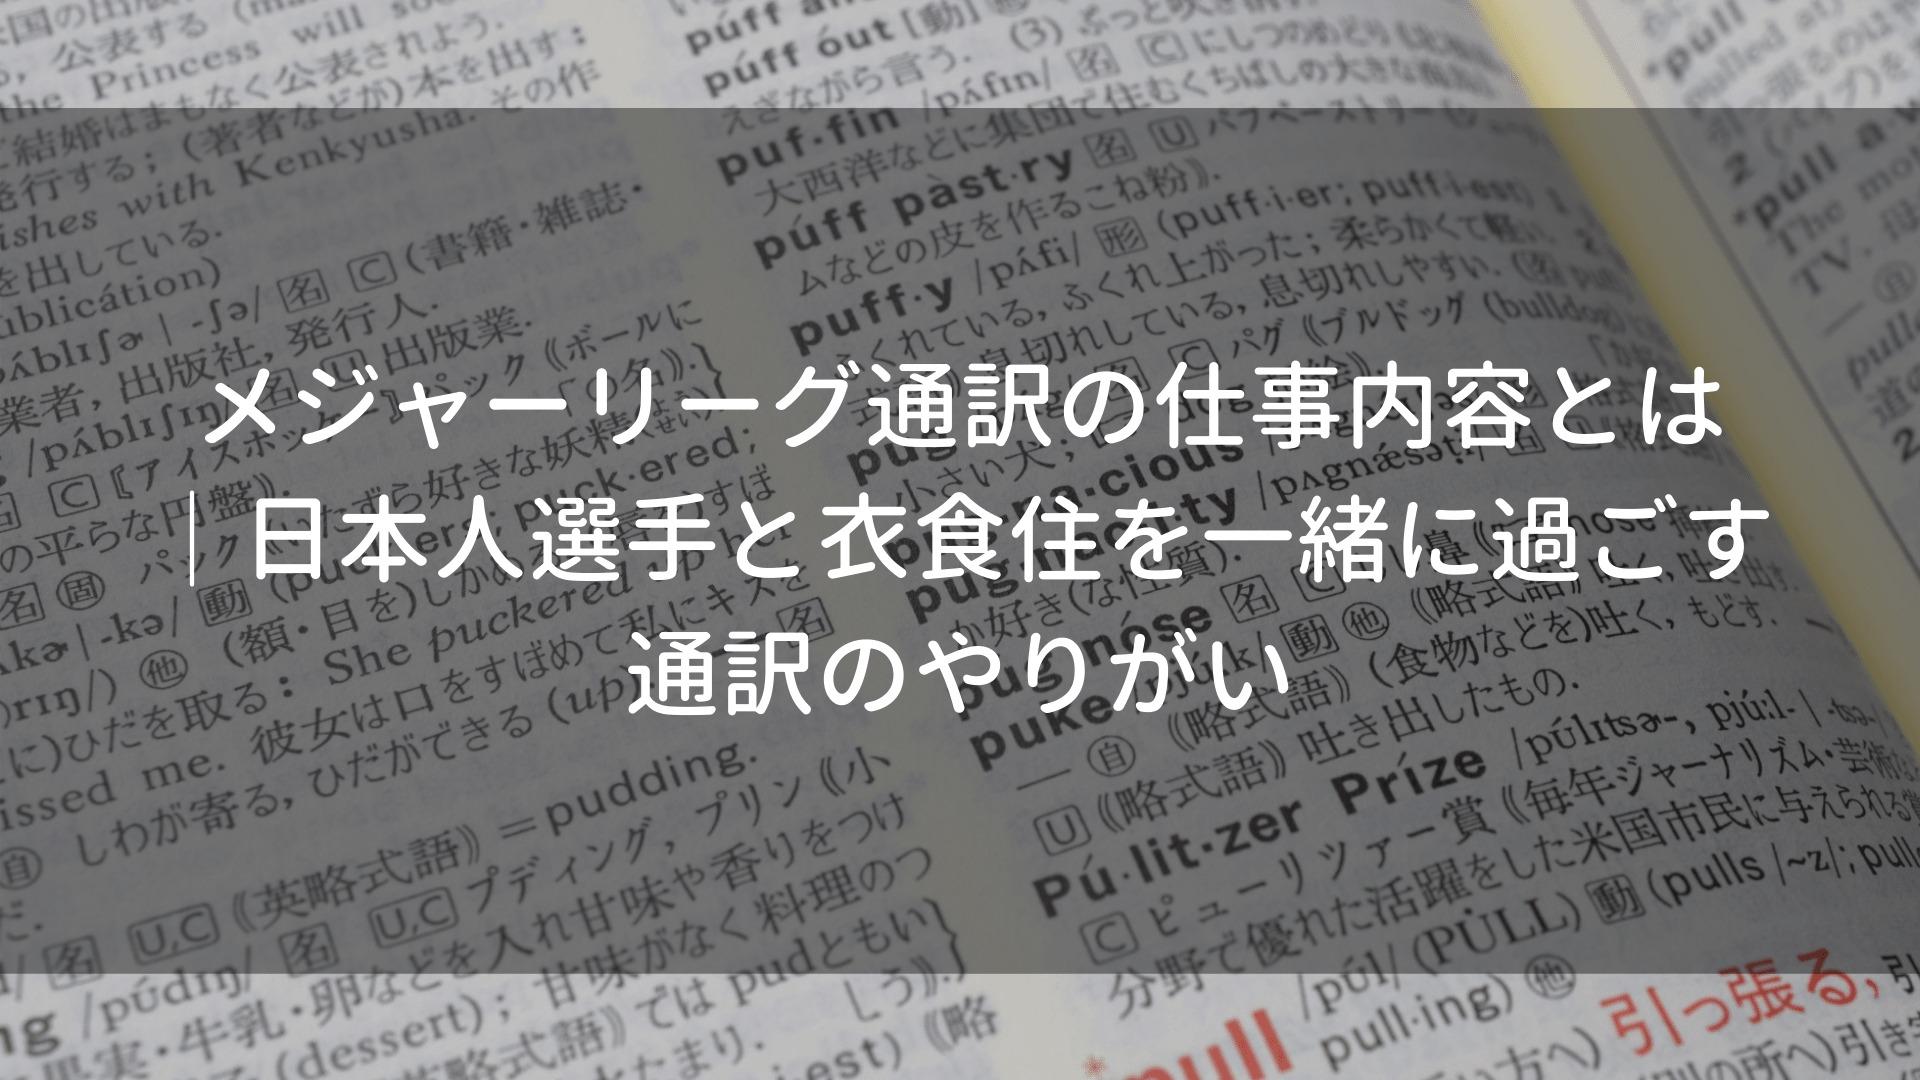 メジャーリーグ通訳の仕事内容とは|日本人選手と衣食住を一緒に過ごす通訳のやりがいのアイキャッチ